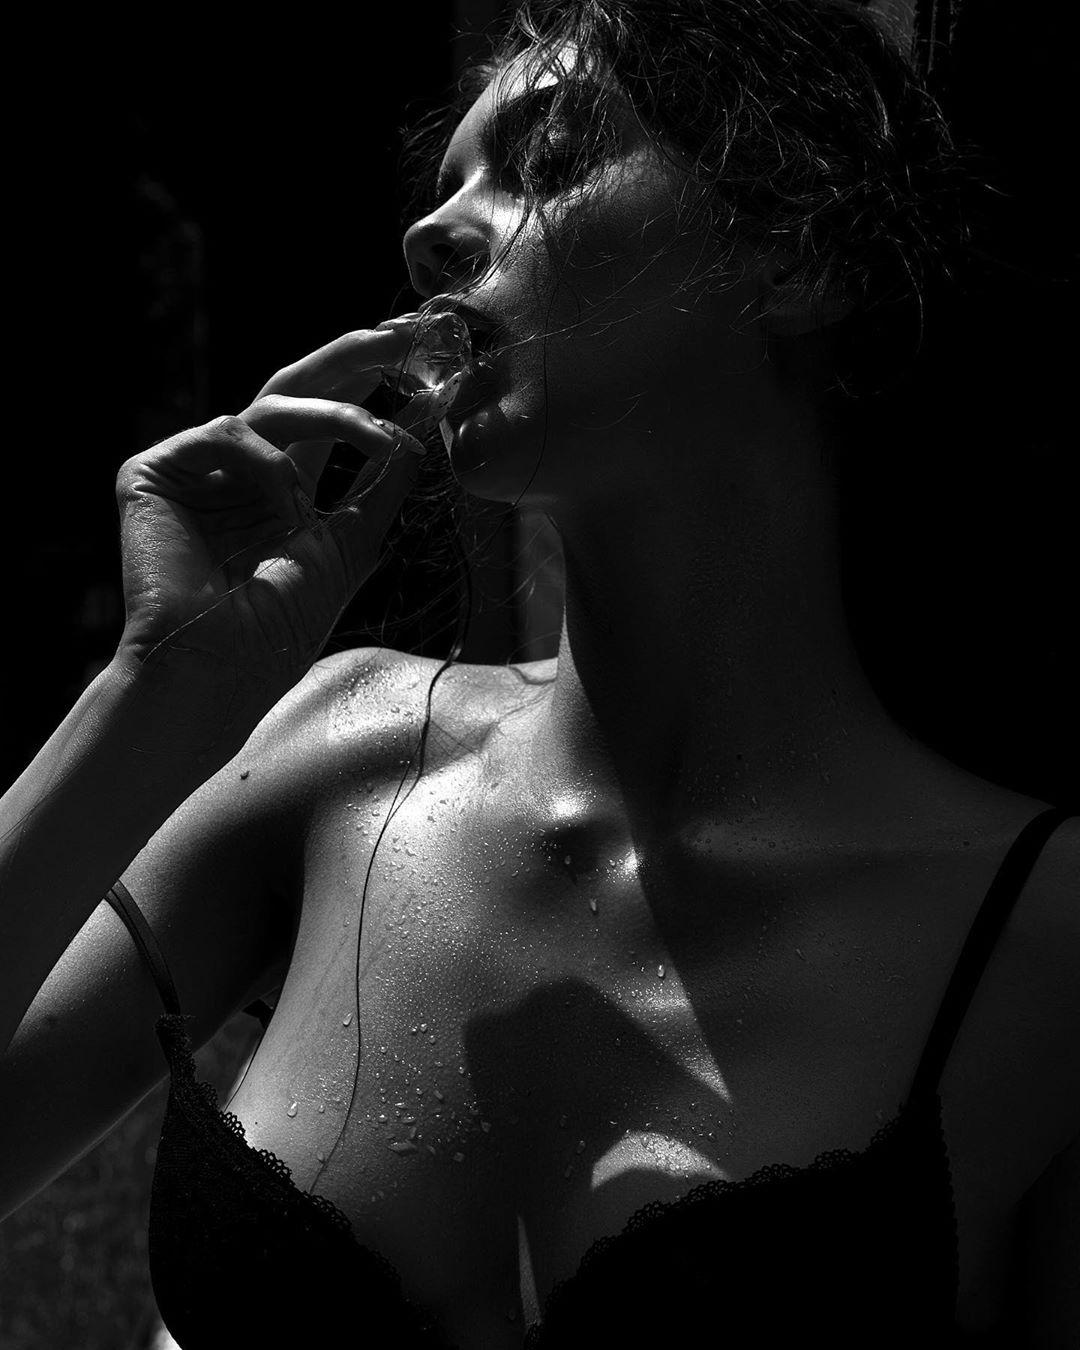 Чувственные снимки девушек от Виктории Бойко